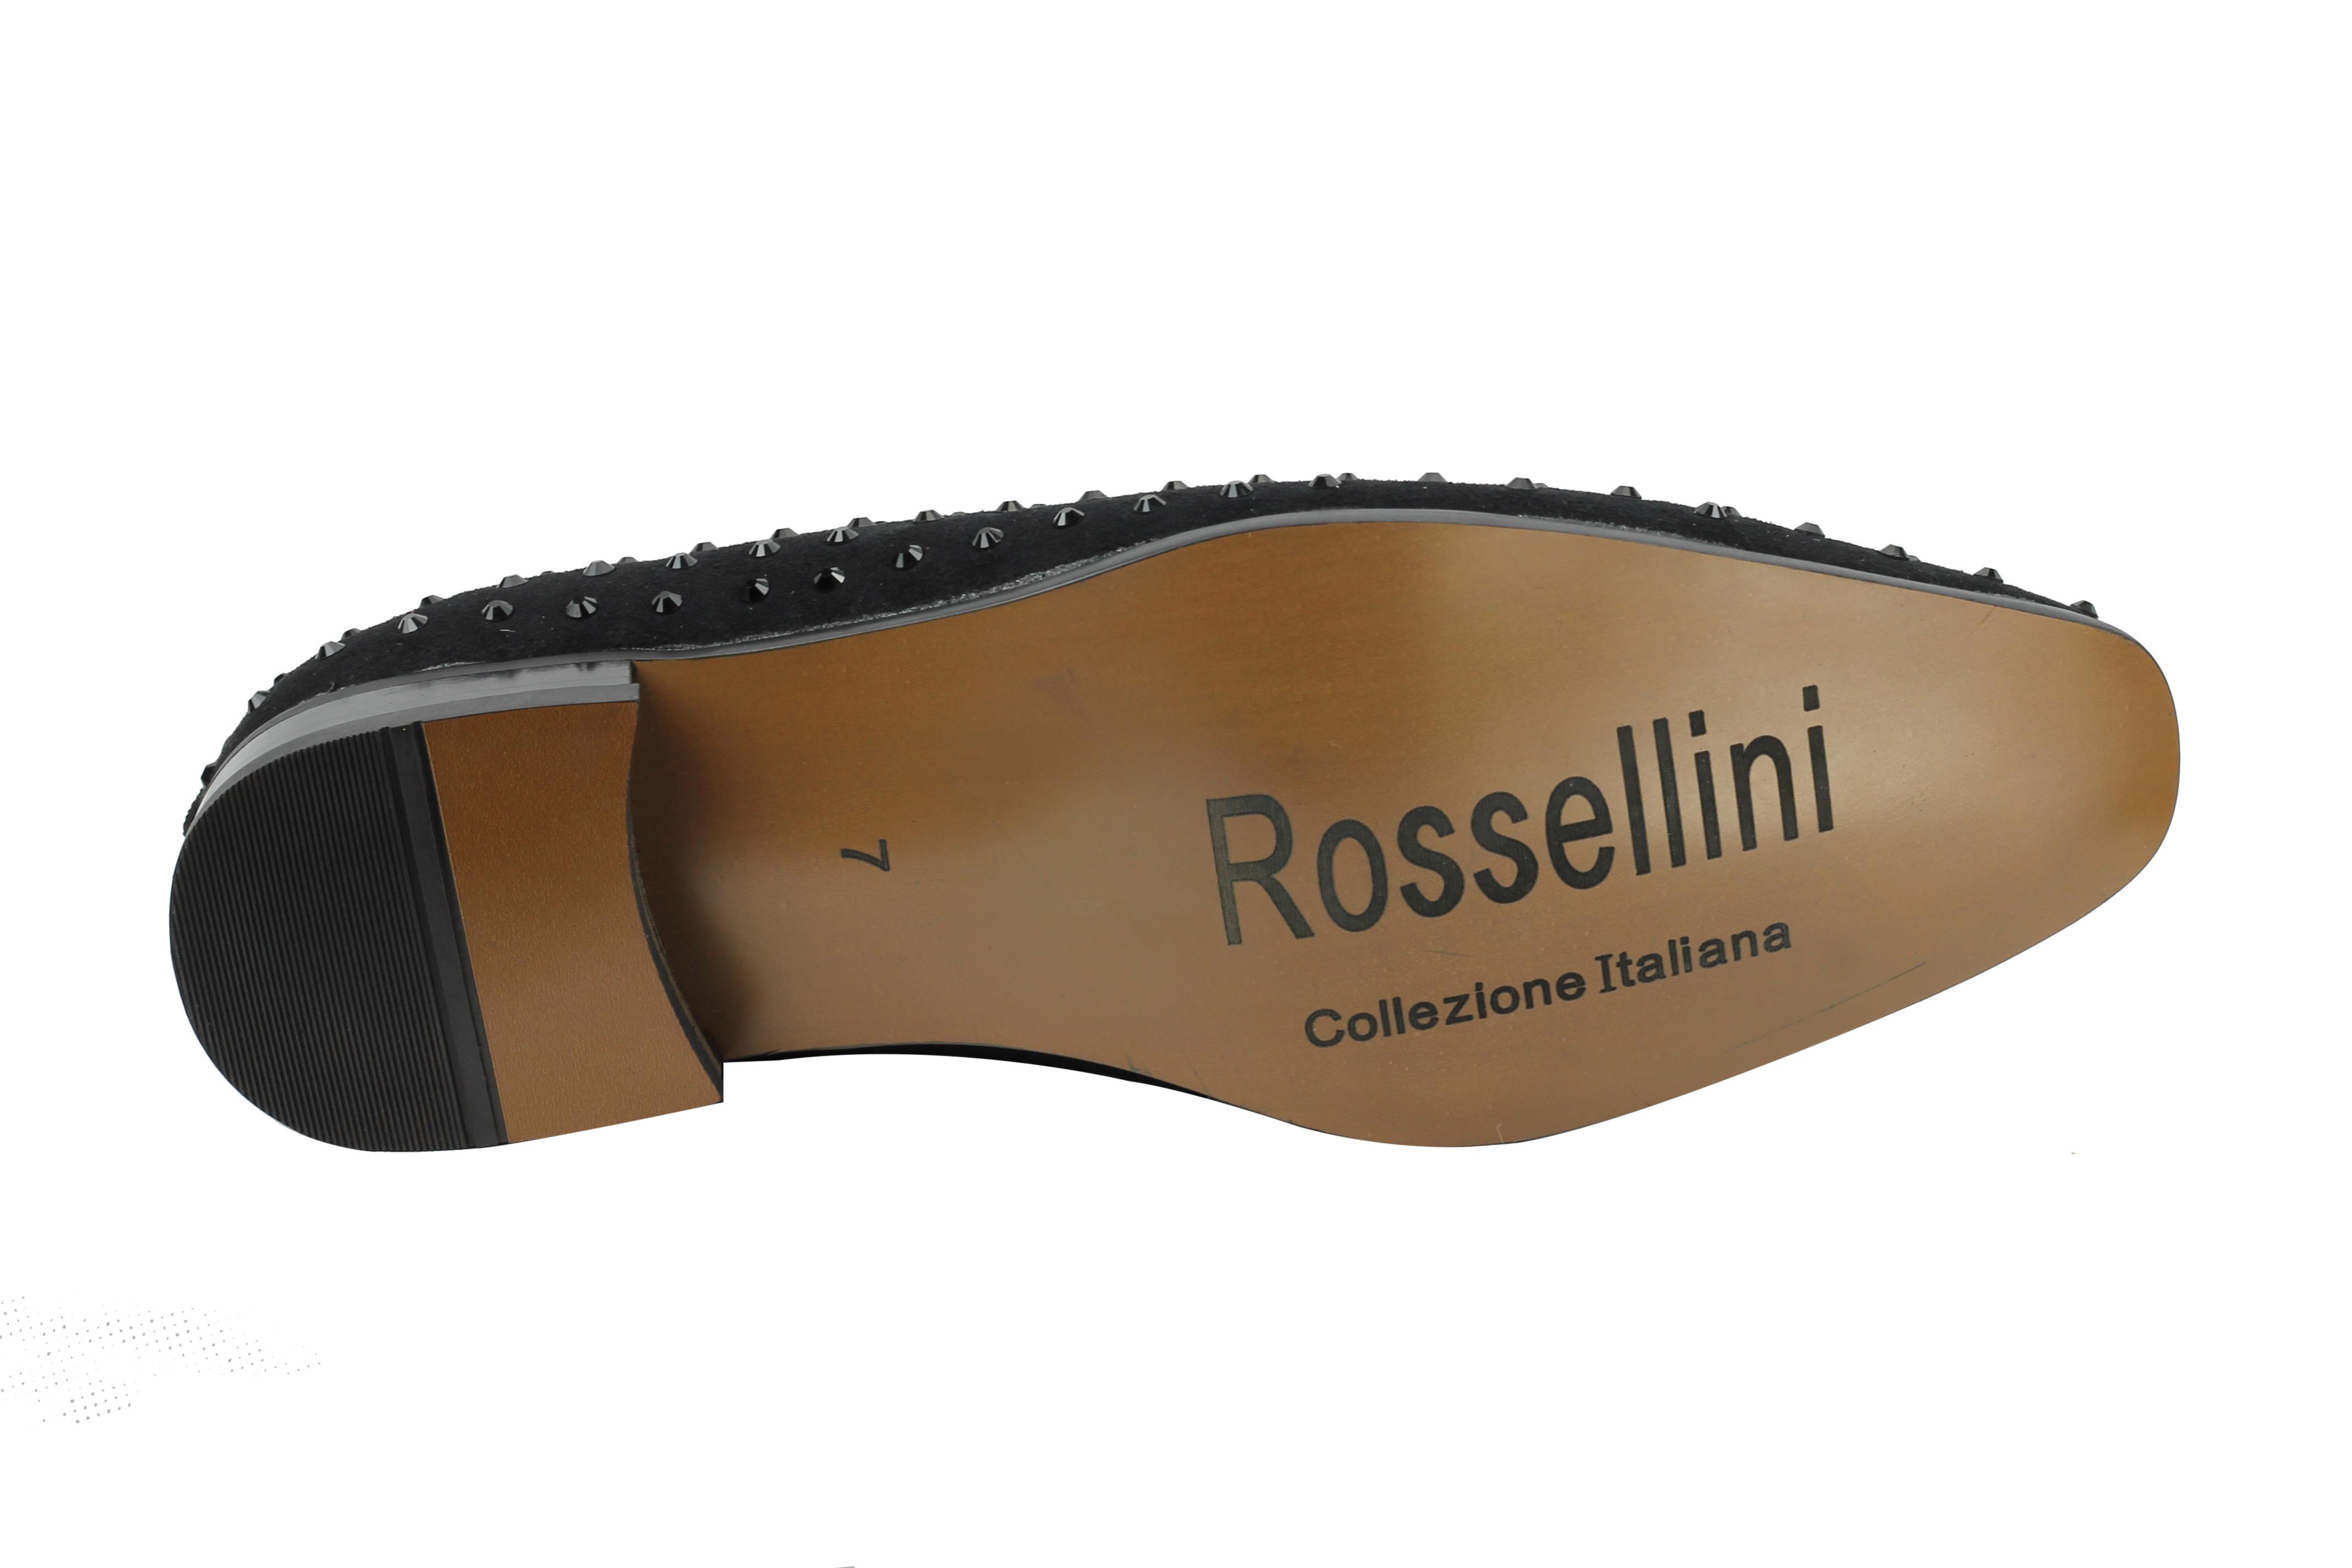 Rossellini-da-uomo-in-pelle-scamosciata-a-punta-Stile-Mocassino-Scarpe-in-Finta-Pelle-Con-Borchie